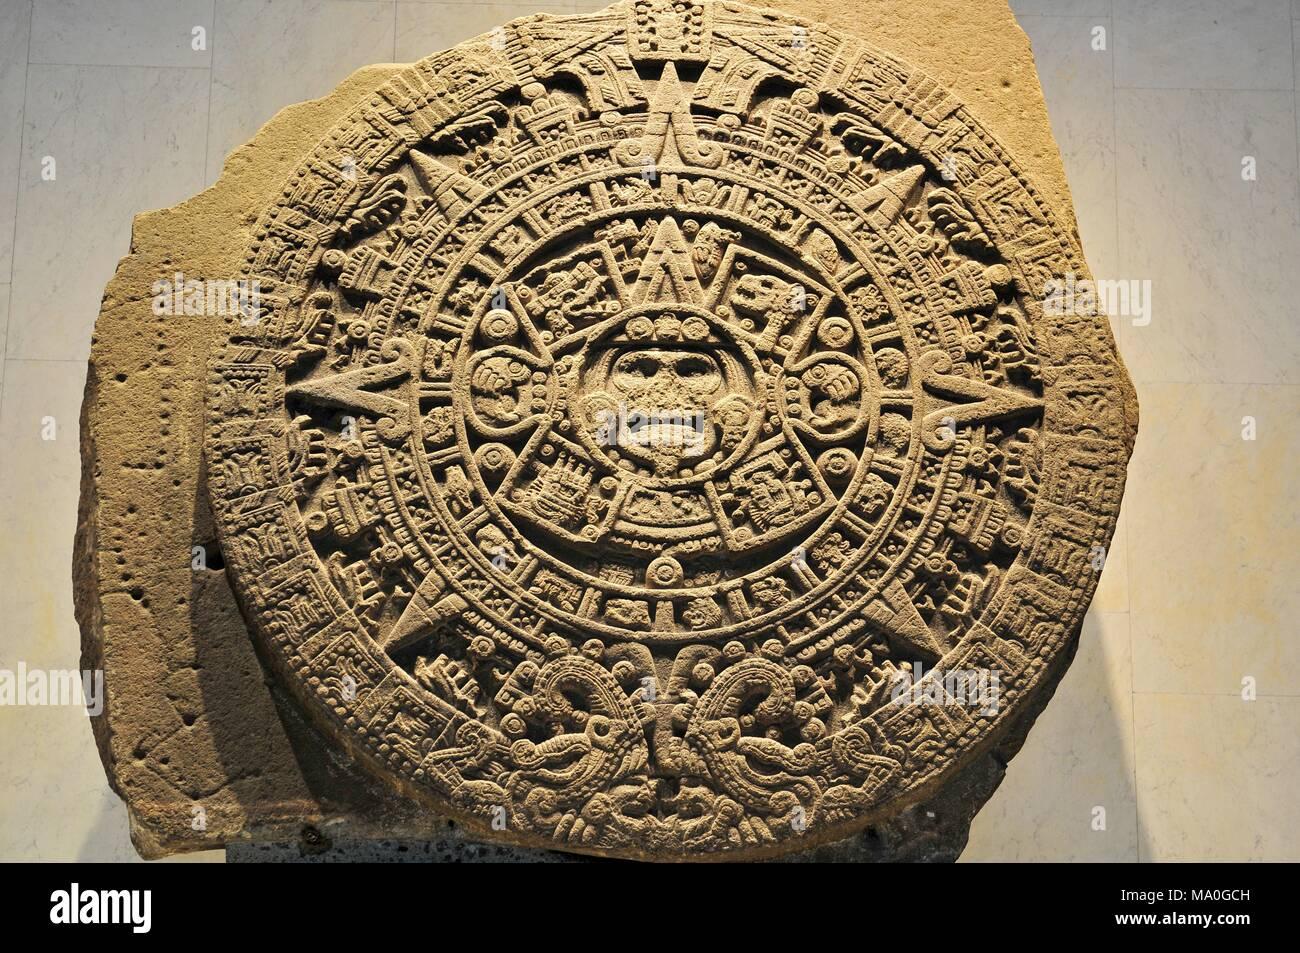 mayan sacrifice table - HD1300×953